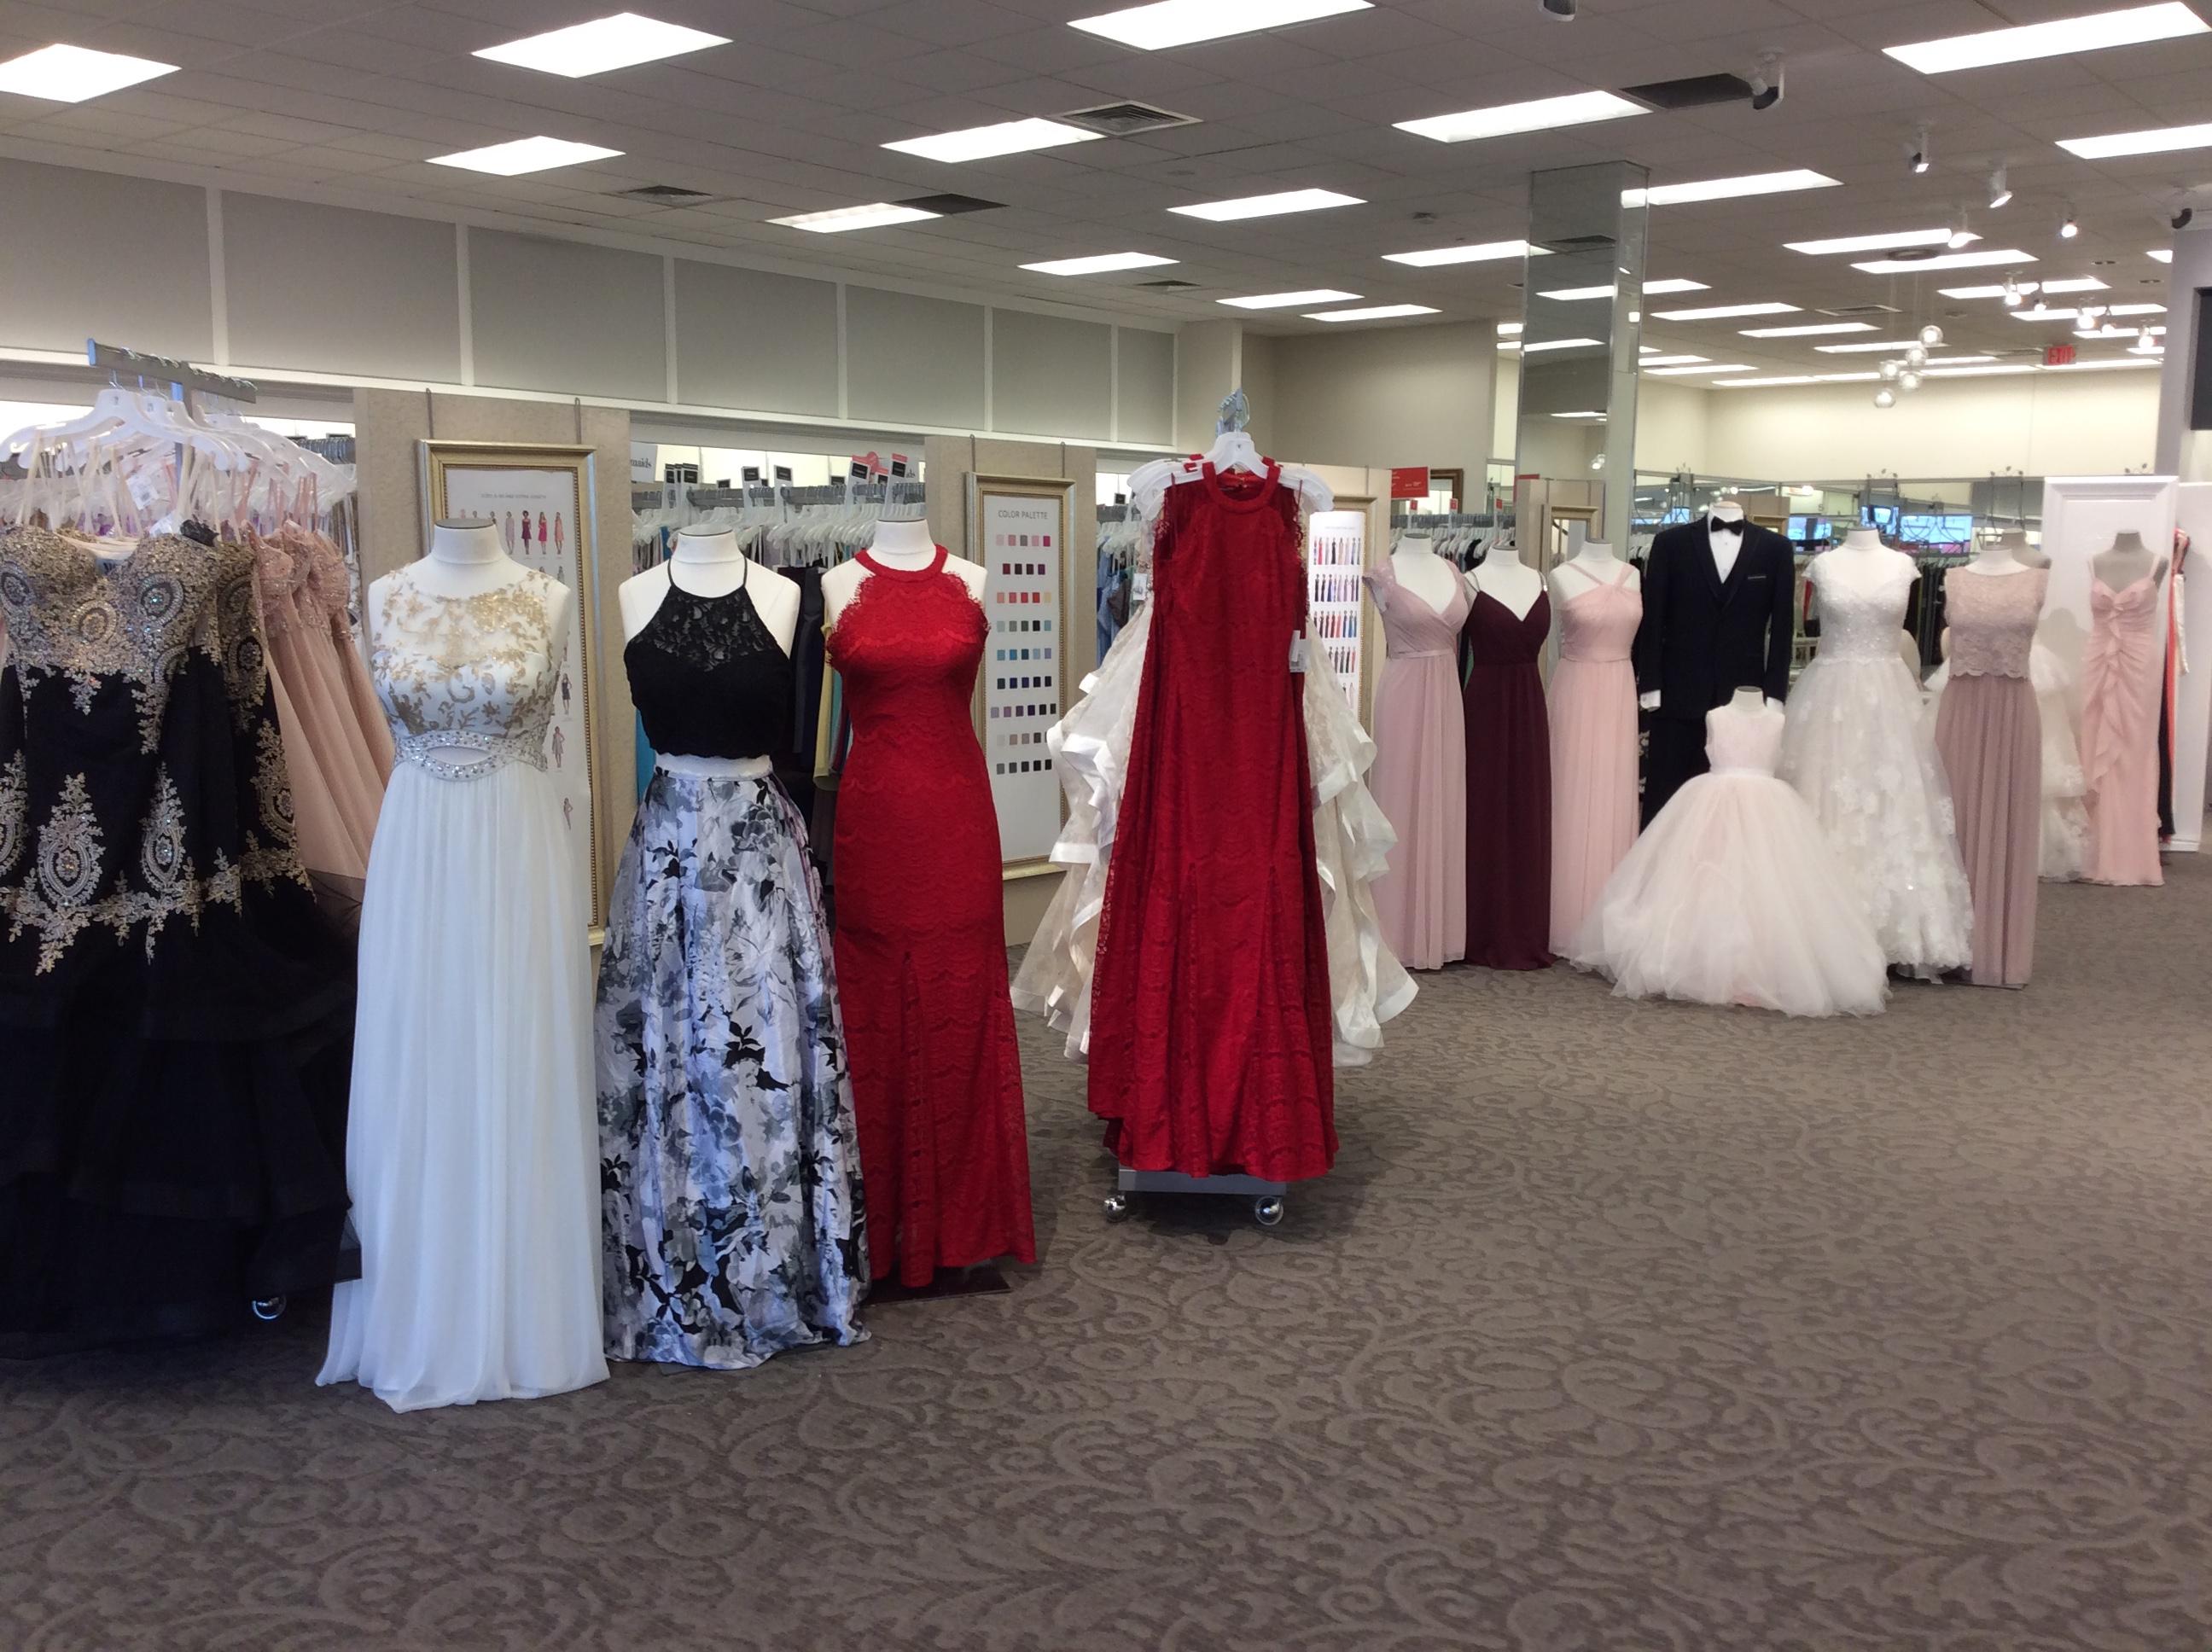 David S Bridal Bridal Shop Grand Rapids Mi 49512